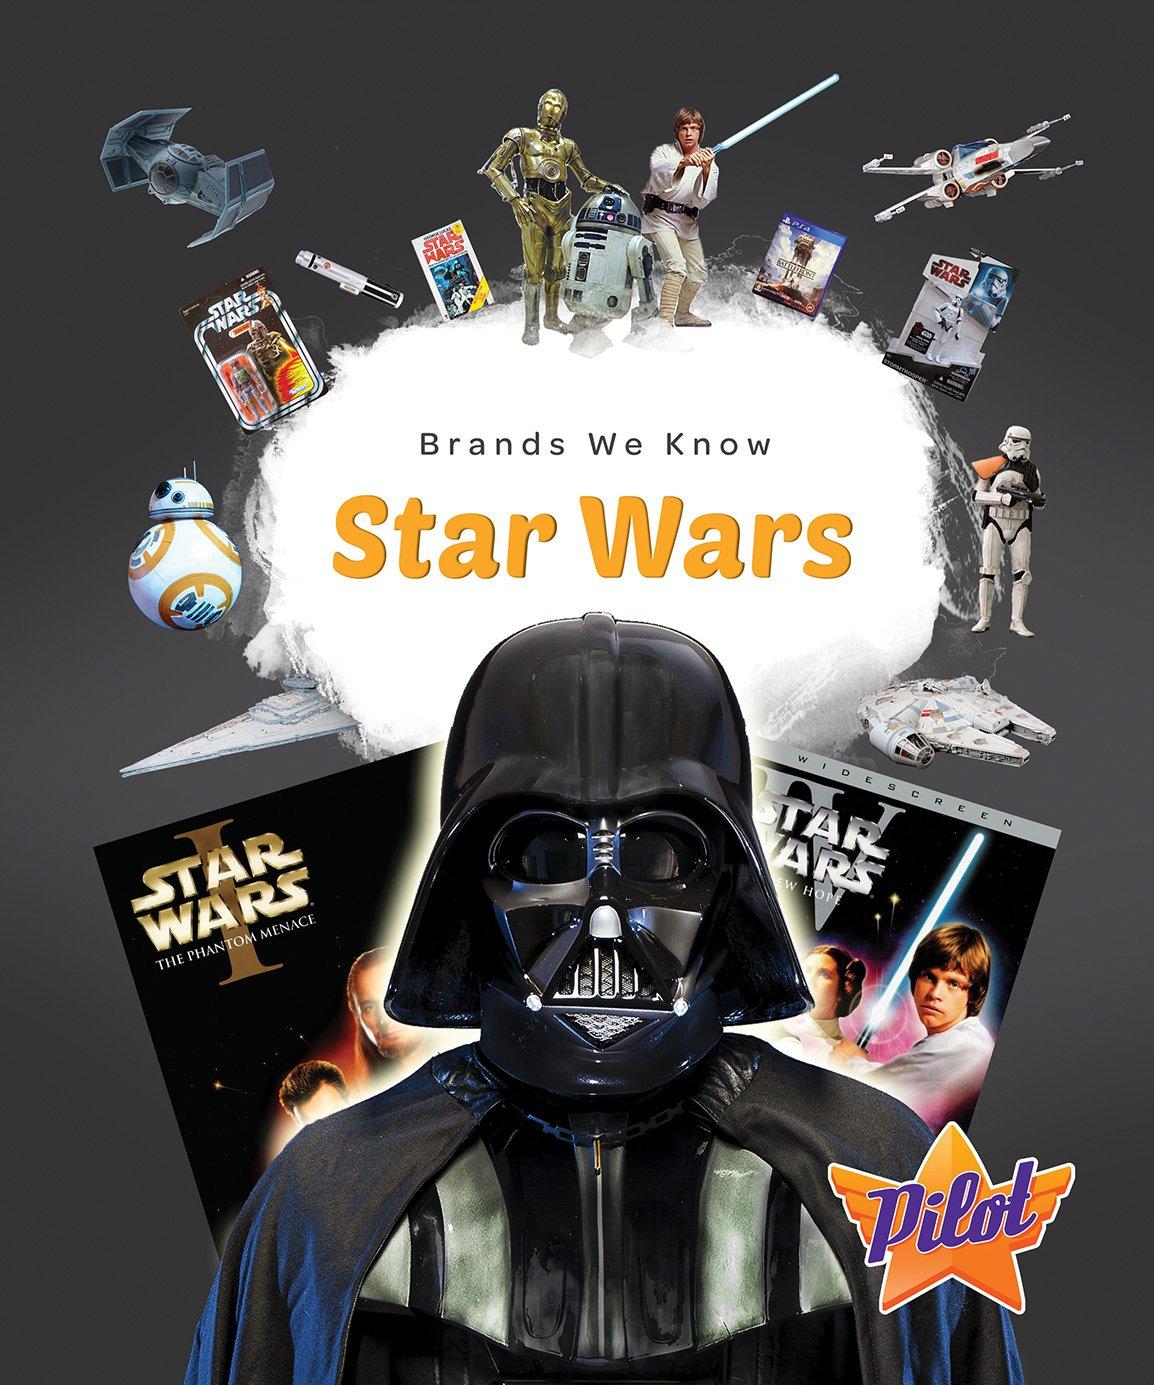 Brands We Know: Star Wars